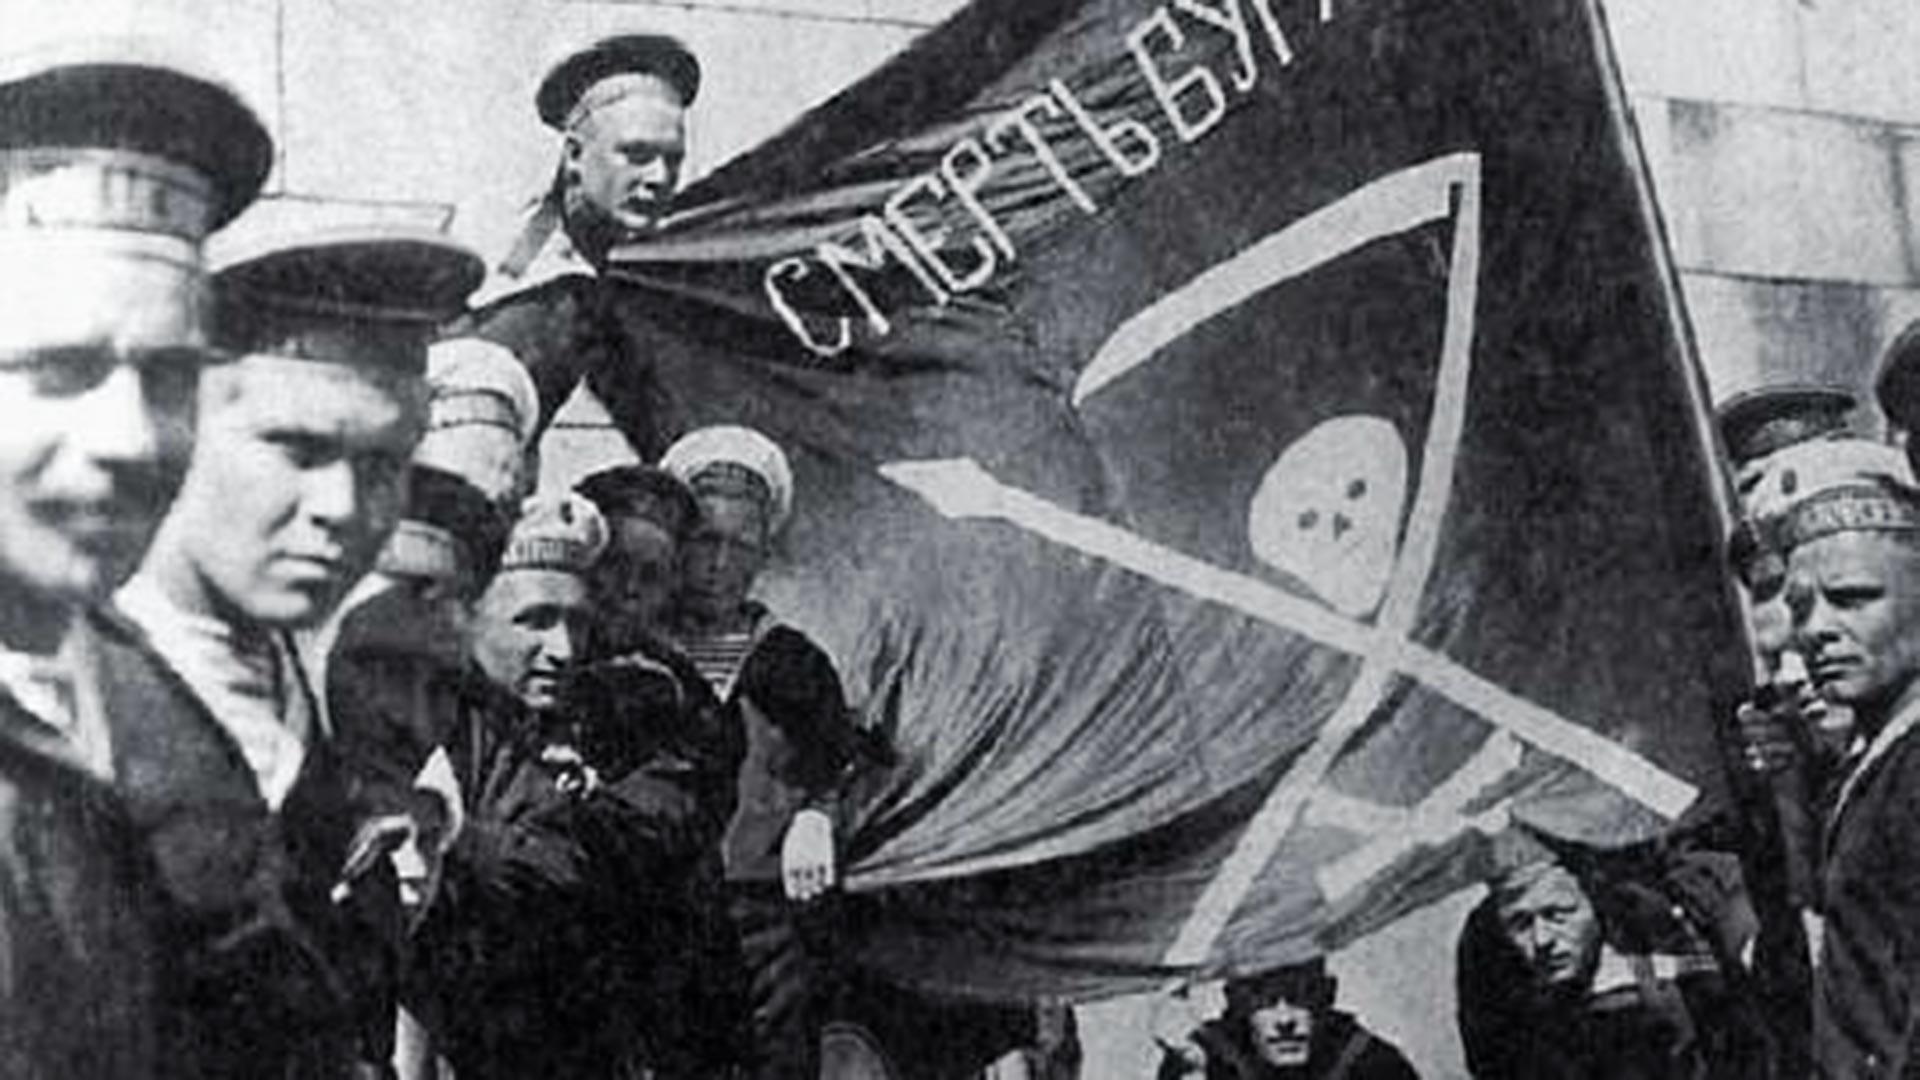 Революционные матросы линкора «Петропавловск» в Хельсинки, лето 1917 г.